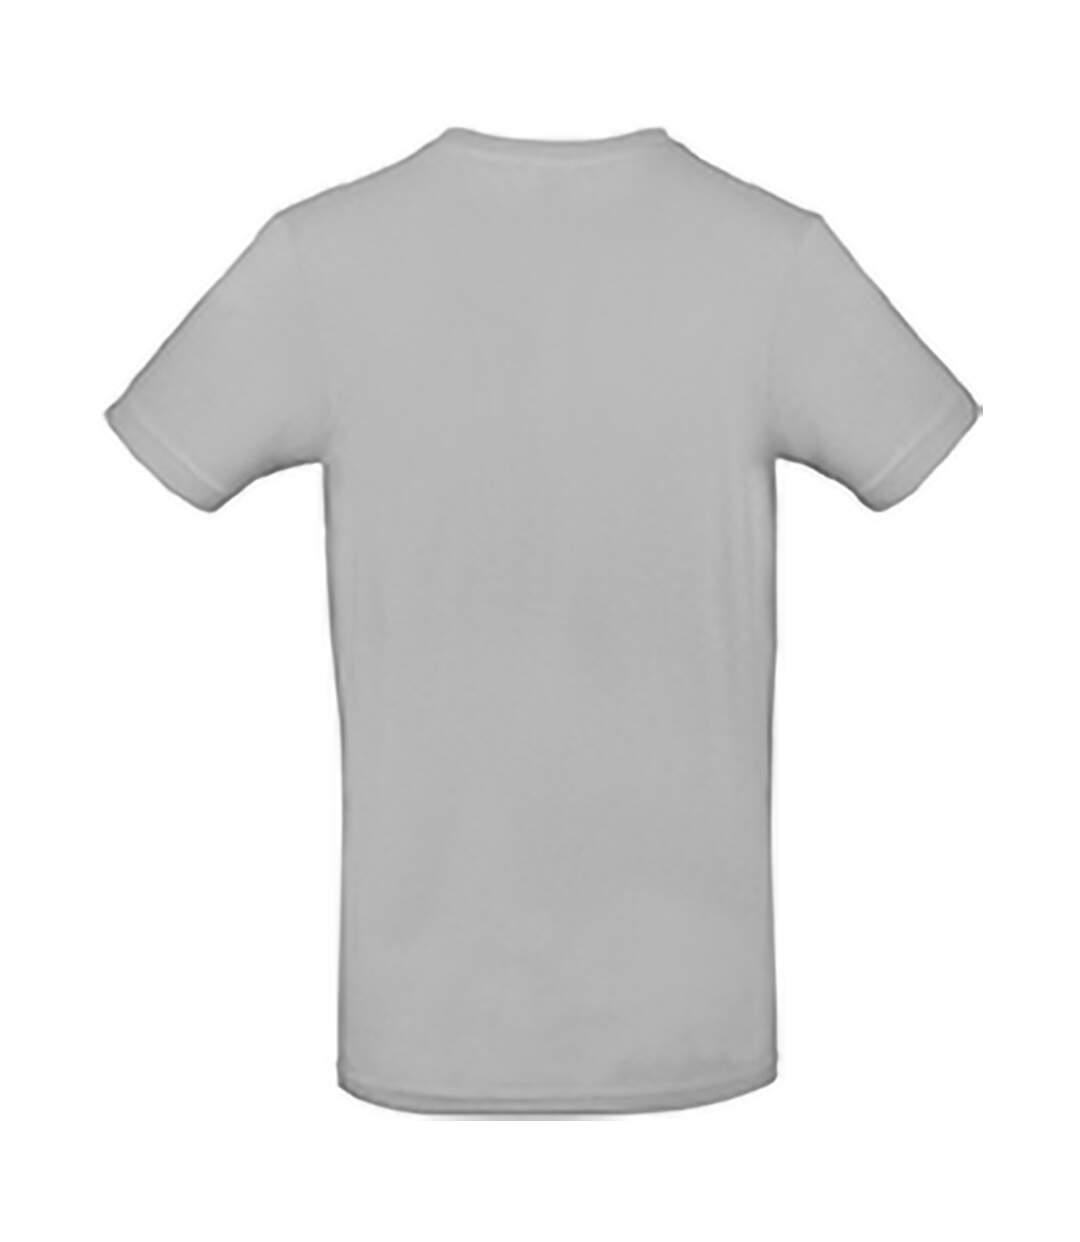 B&C Mens #E190 Tee (Pacific Grey) - UTBC3911